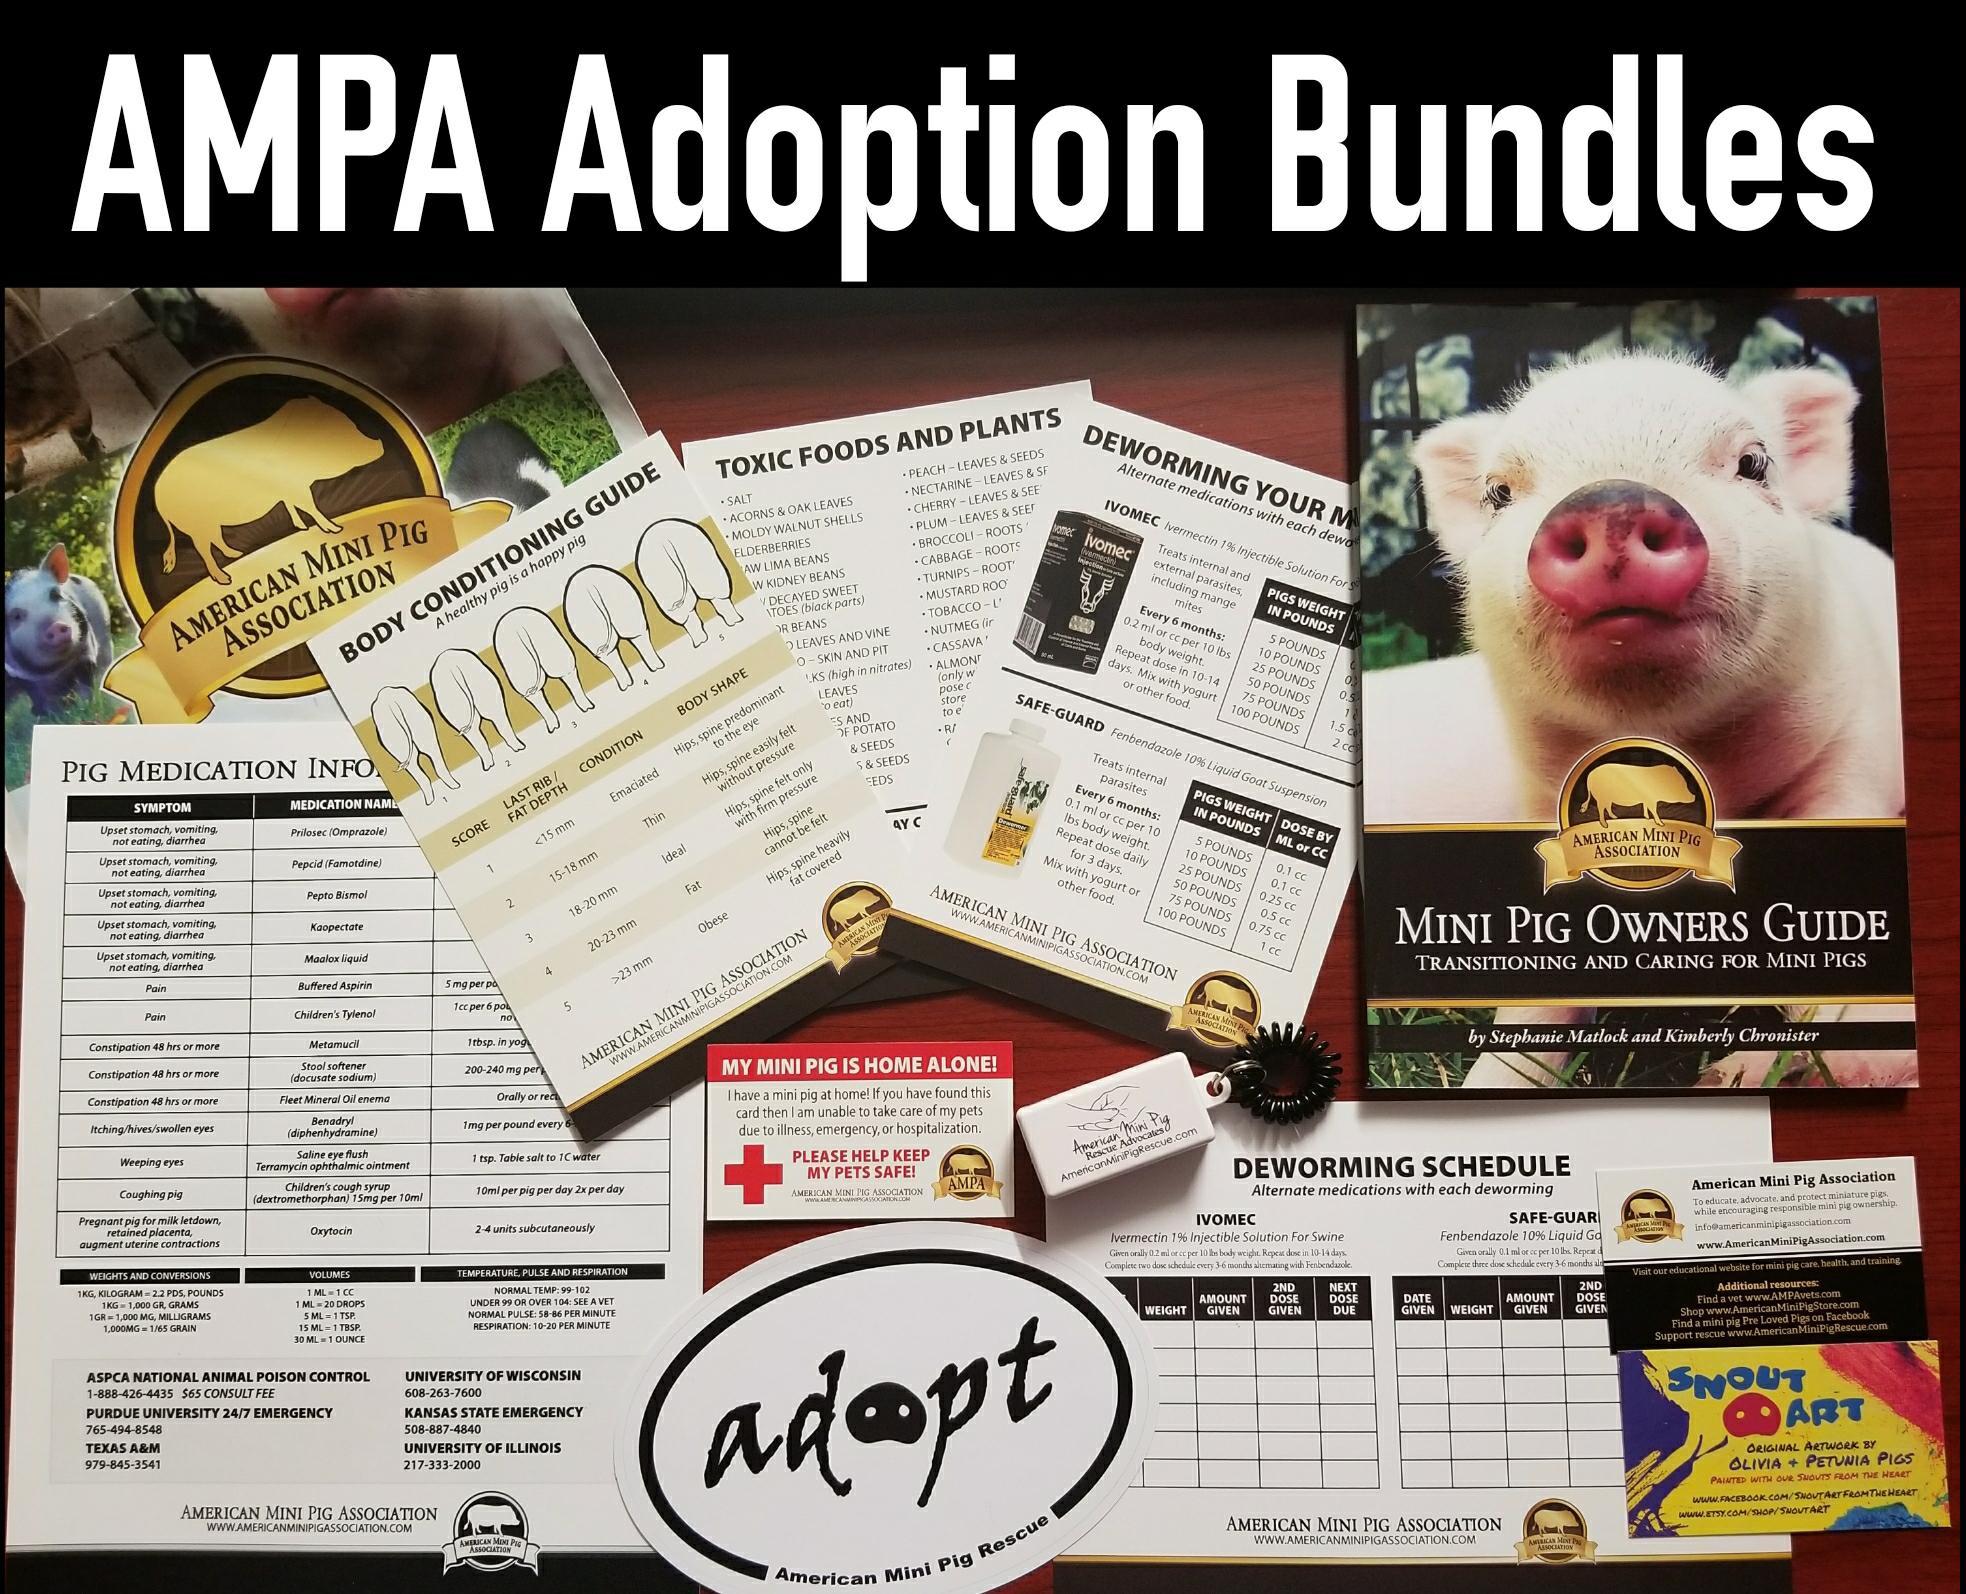 adoption bundles